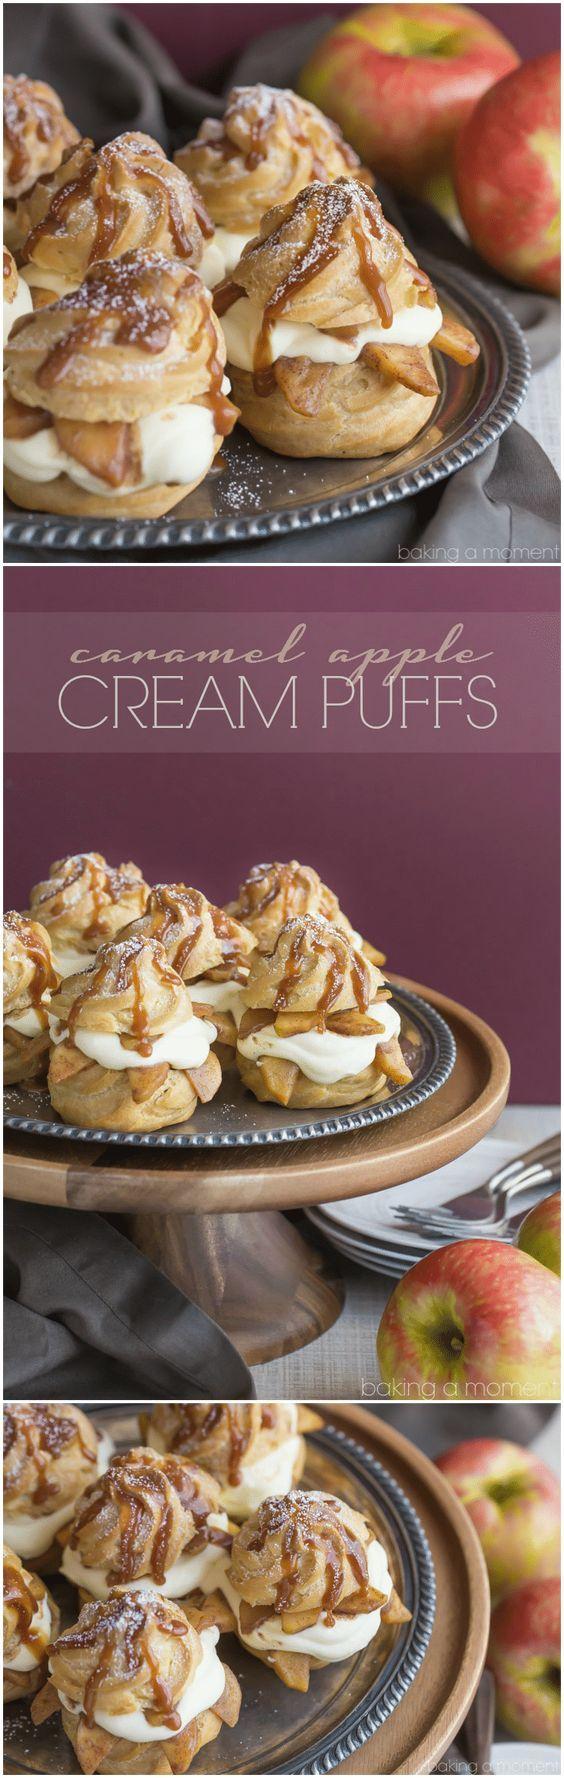 Karamellapfel Windbeutel-Omg so gut! Liebte die Art und Weise, wie die flauschige Creme kontrastiert …   – Recipes